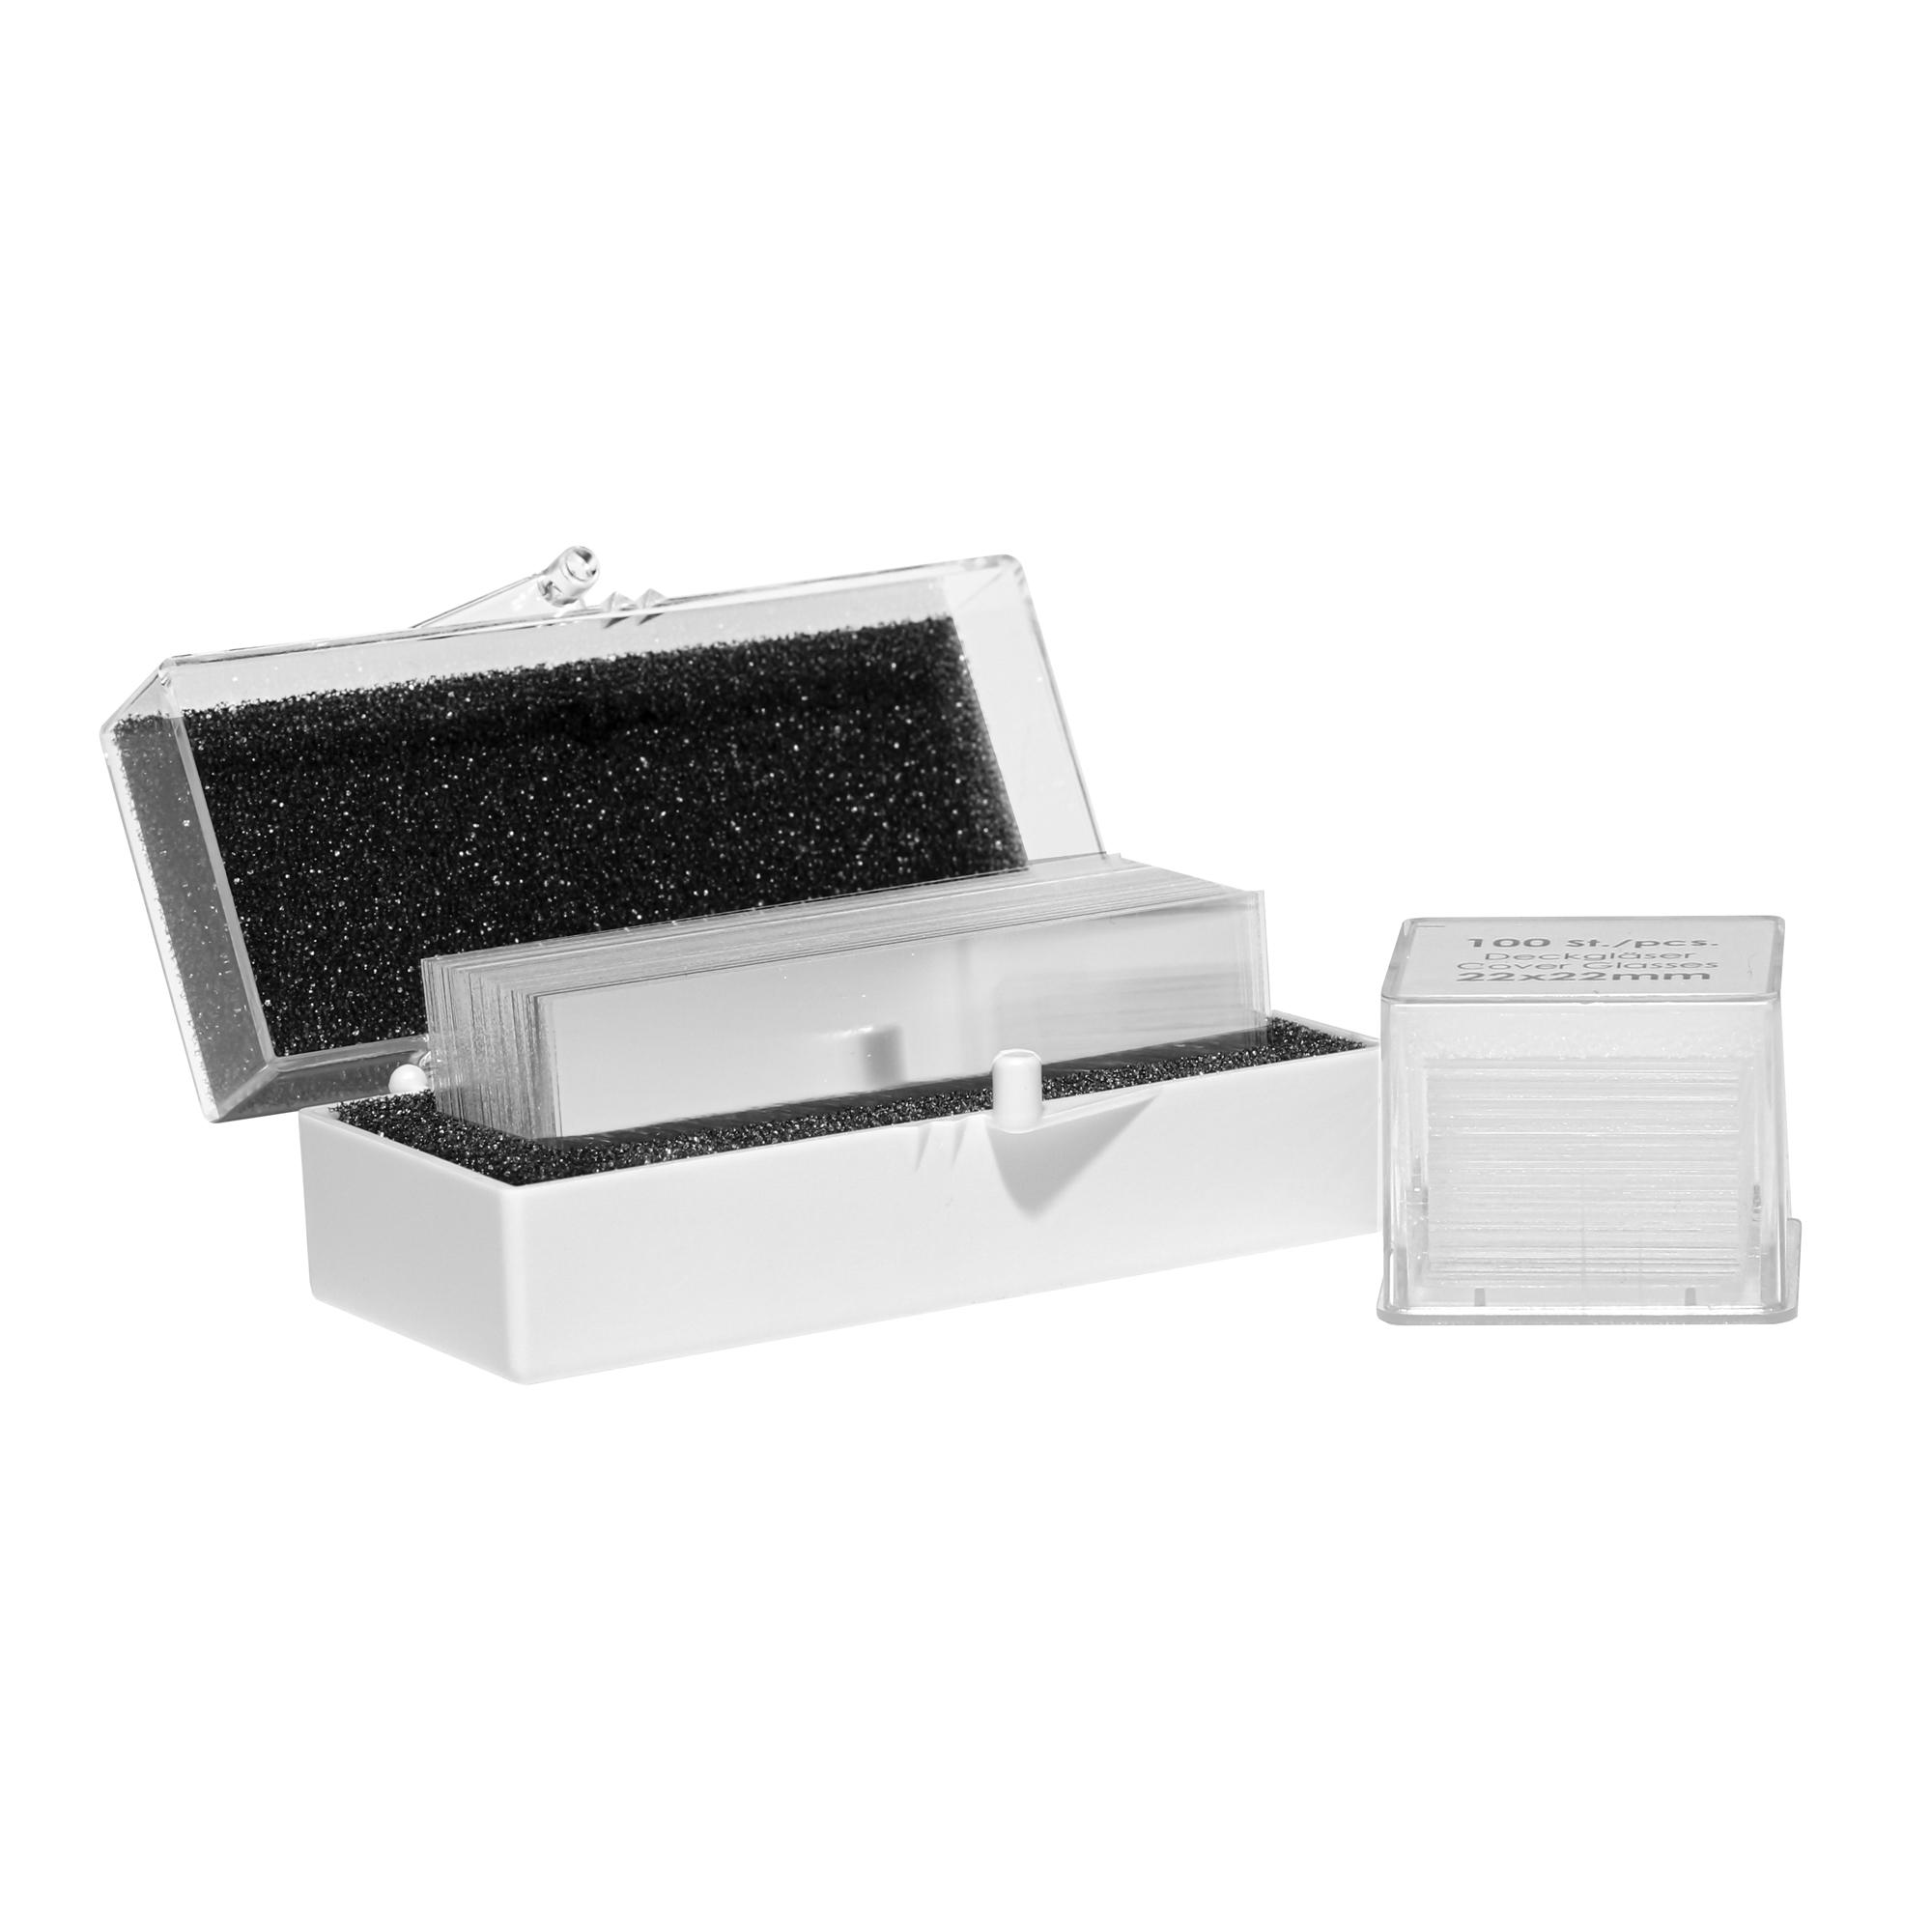 Deckgläser für Mikroskope